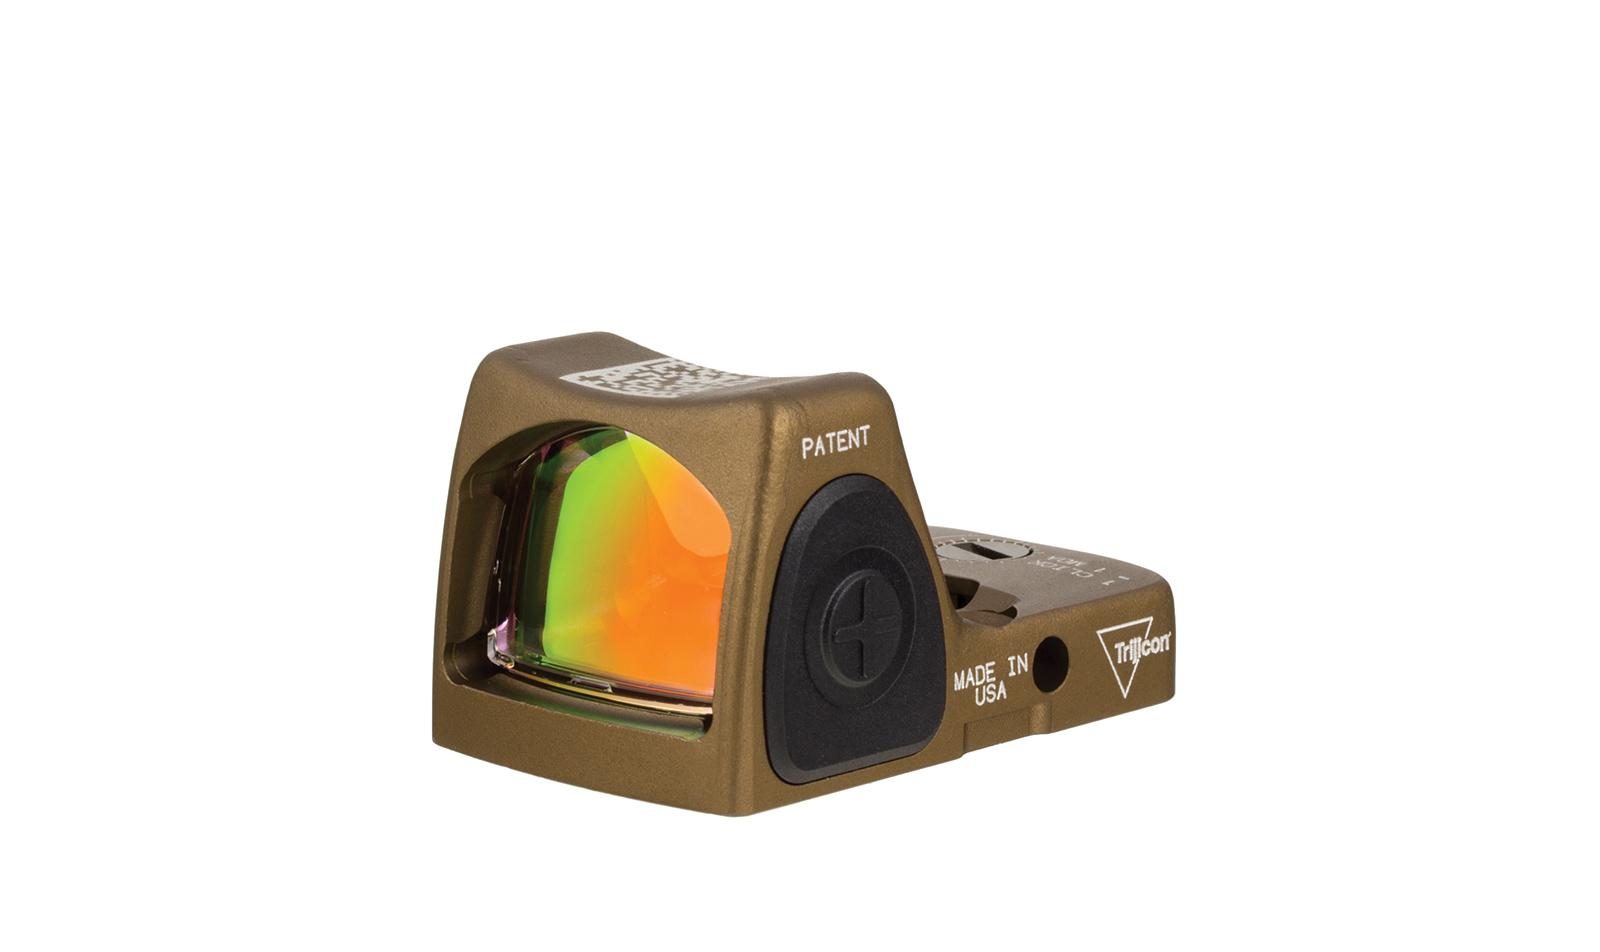 RM06-C-700780 angle 1